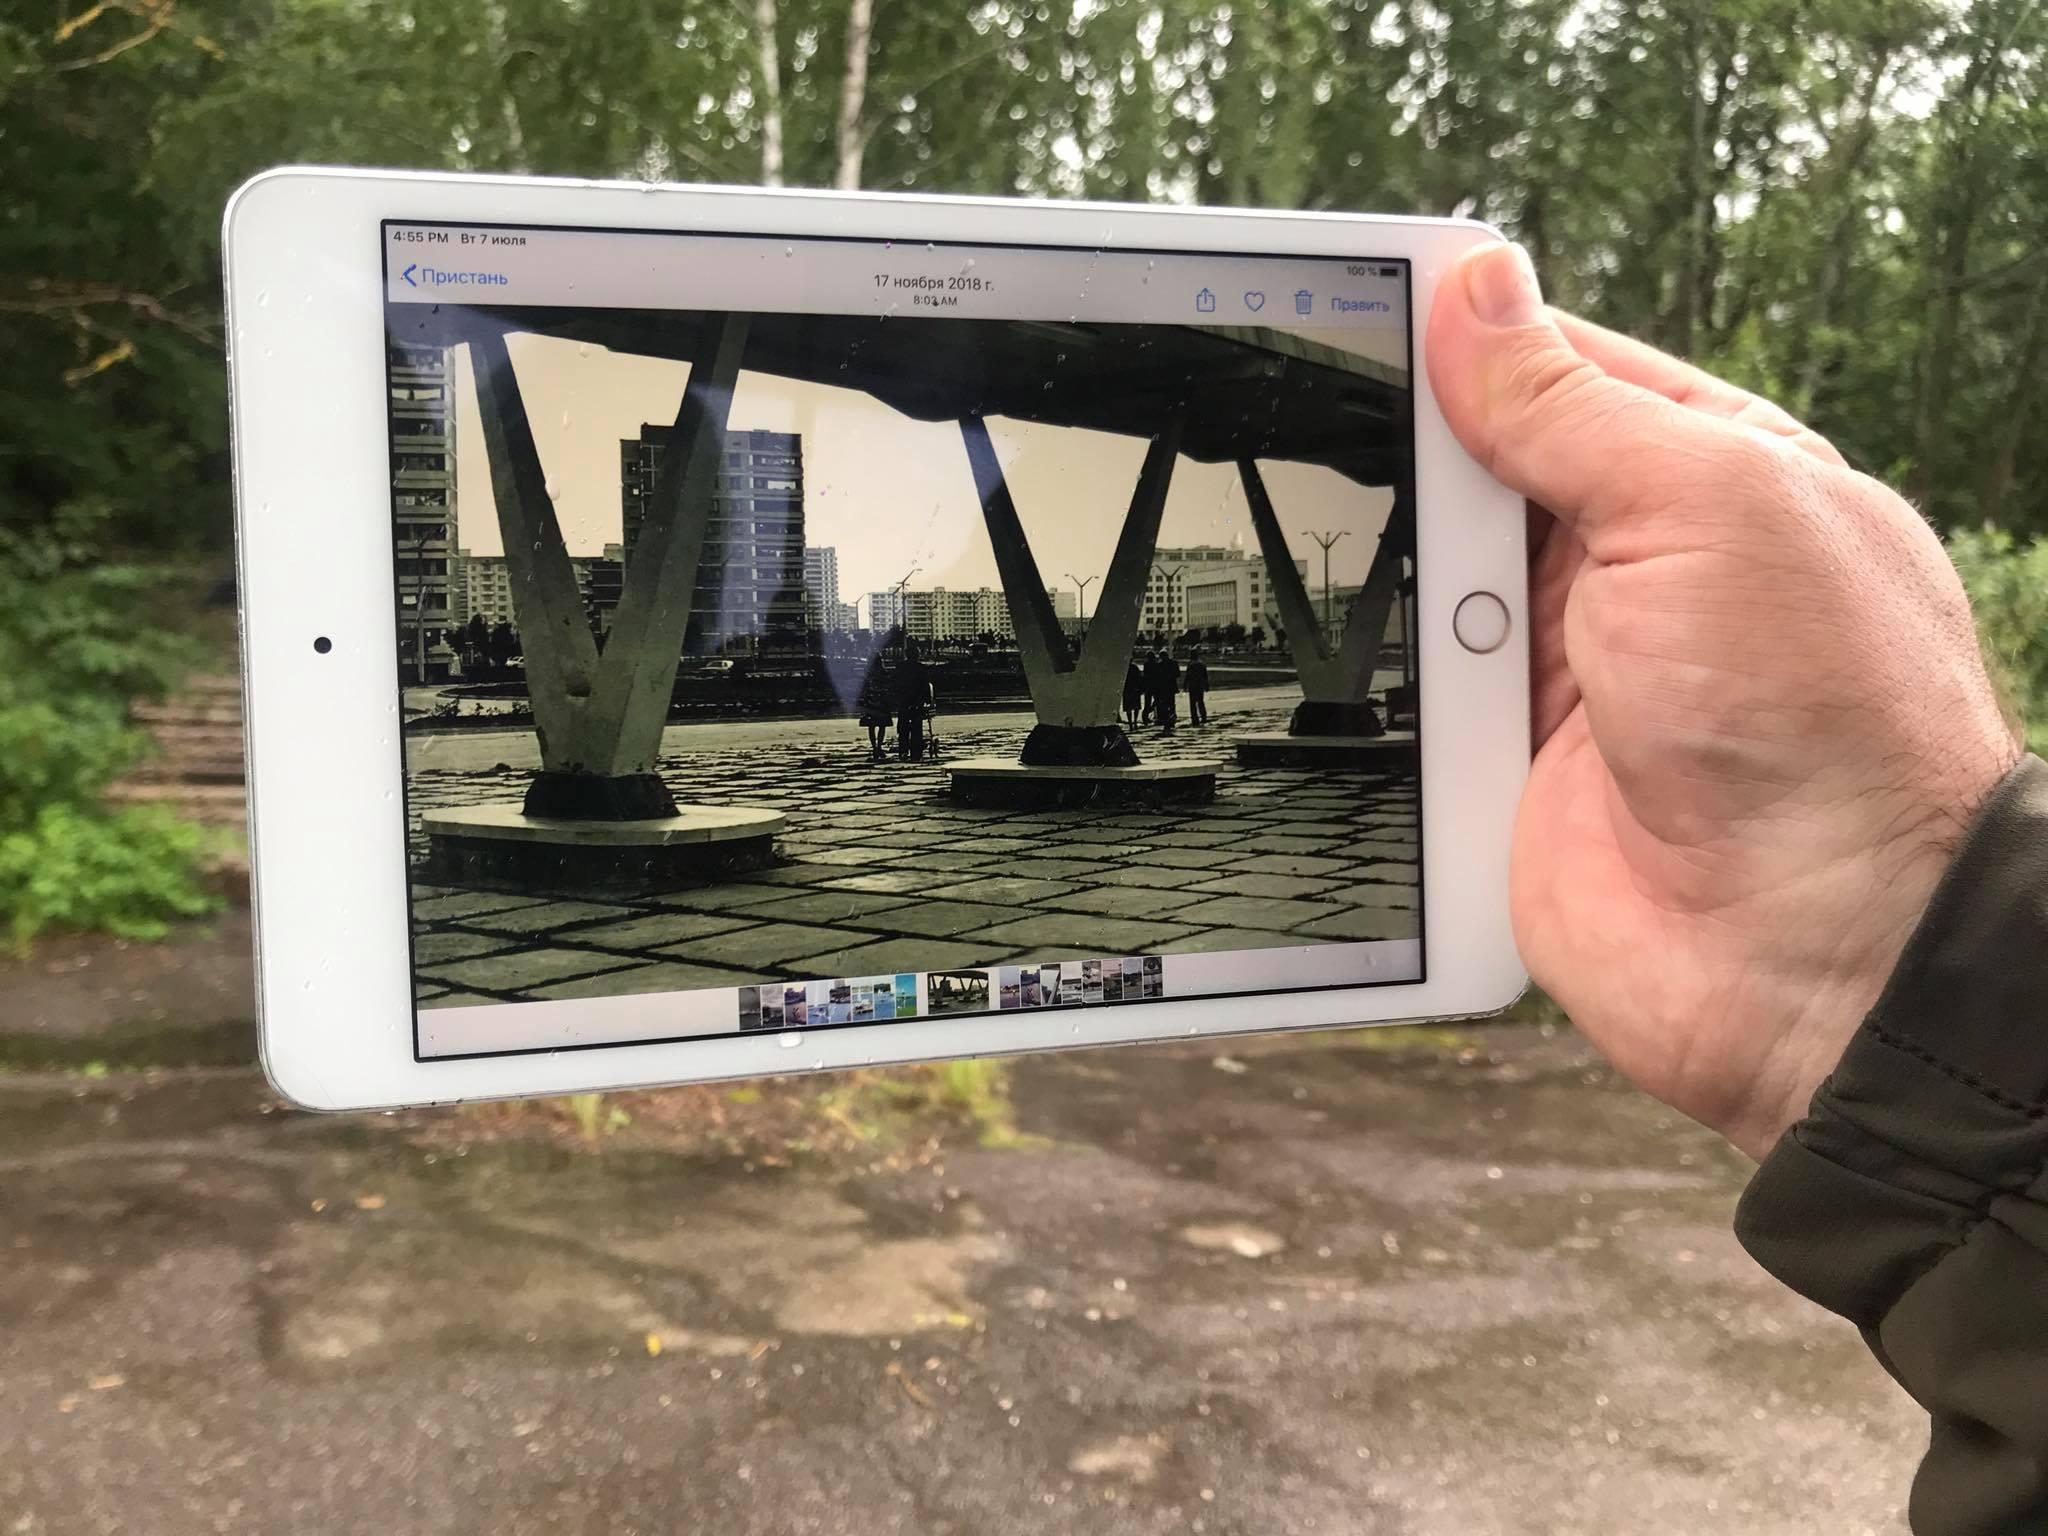 Chernobyl App: первое мобильное приложение Чернобыля представят к 35-й годовщине катастрофы - фото №2